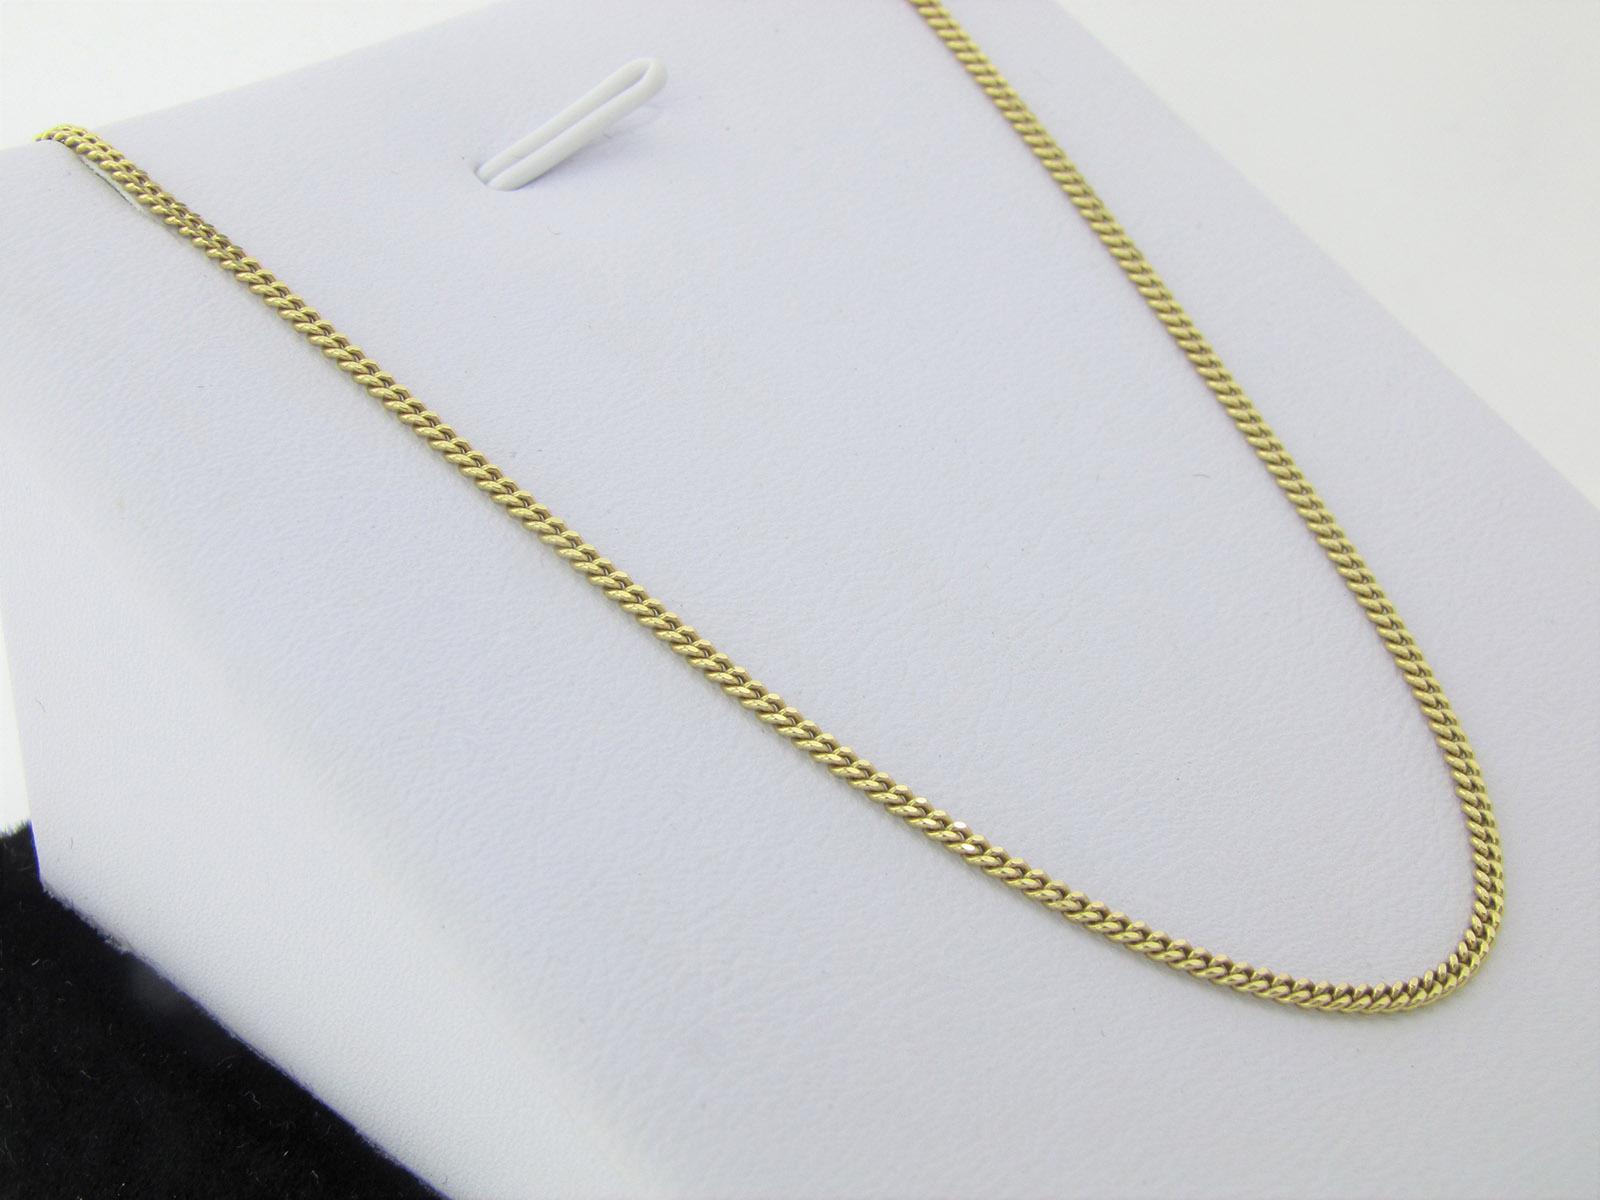 UNISEX - Tæt panser halskæde 8 karat guld 50 cm til mænd og kvinder